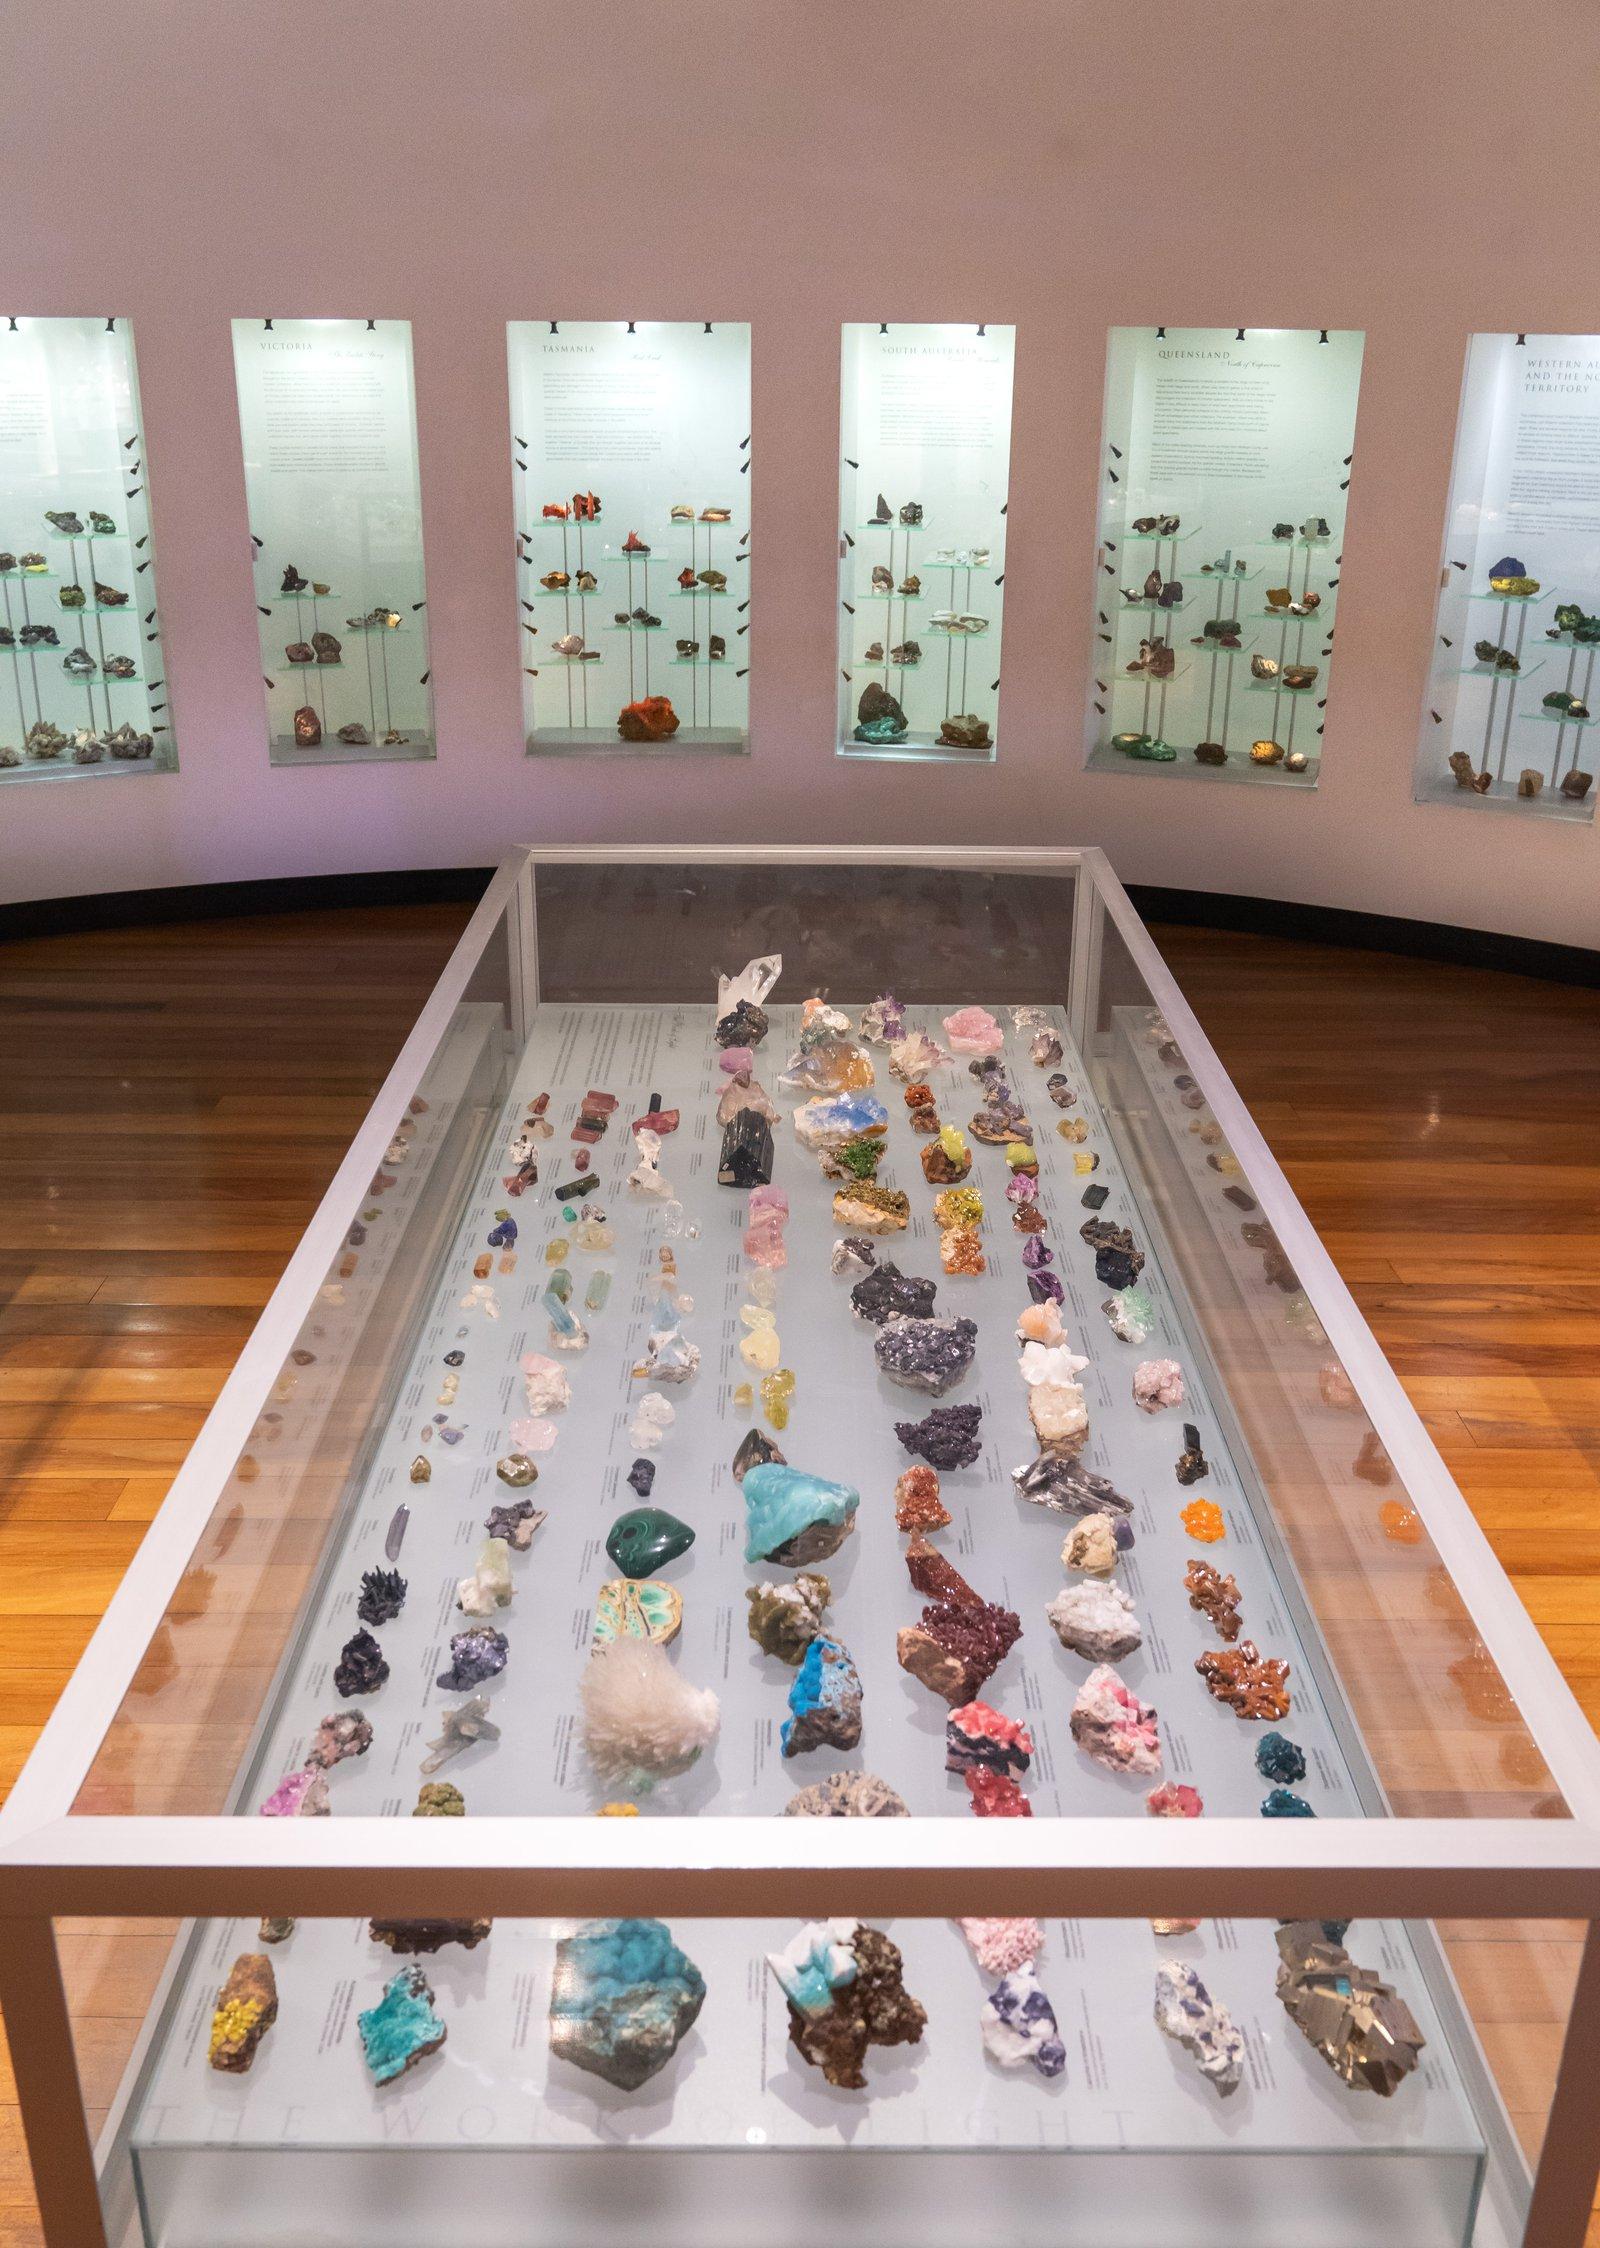 Albert Chapman Gallery